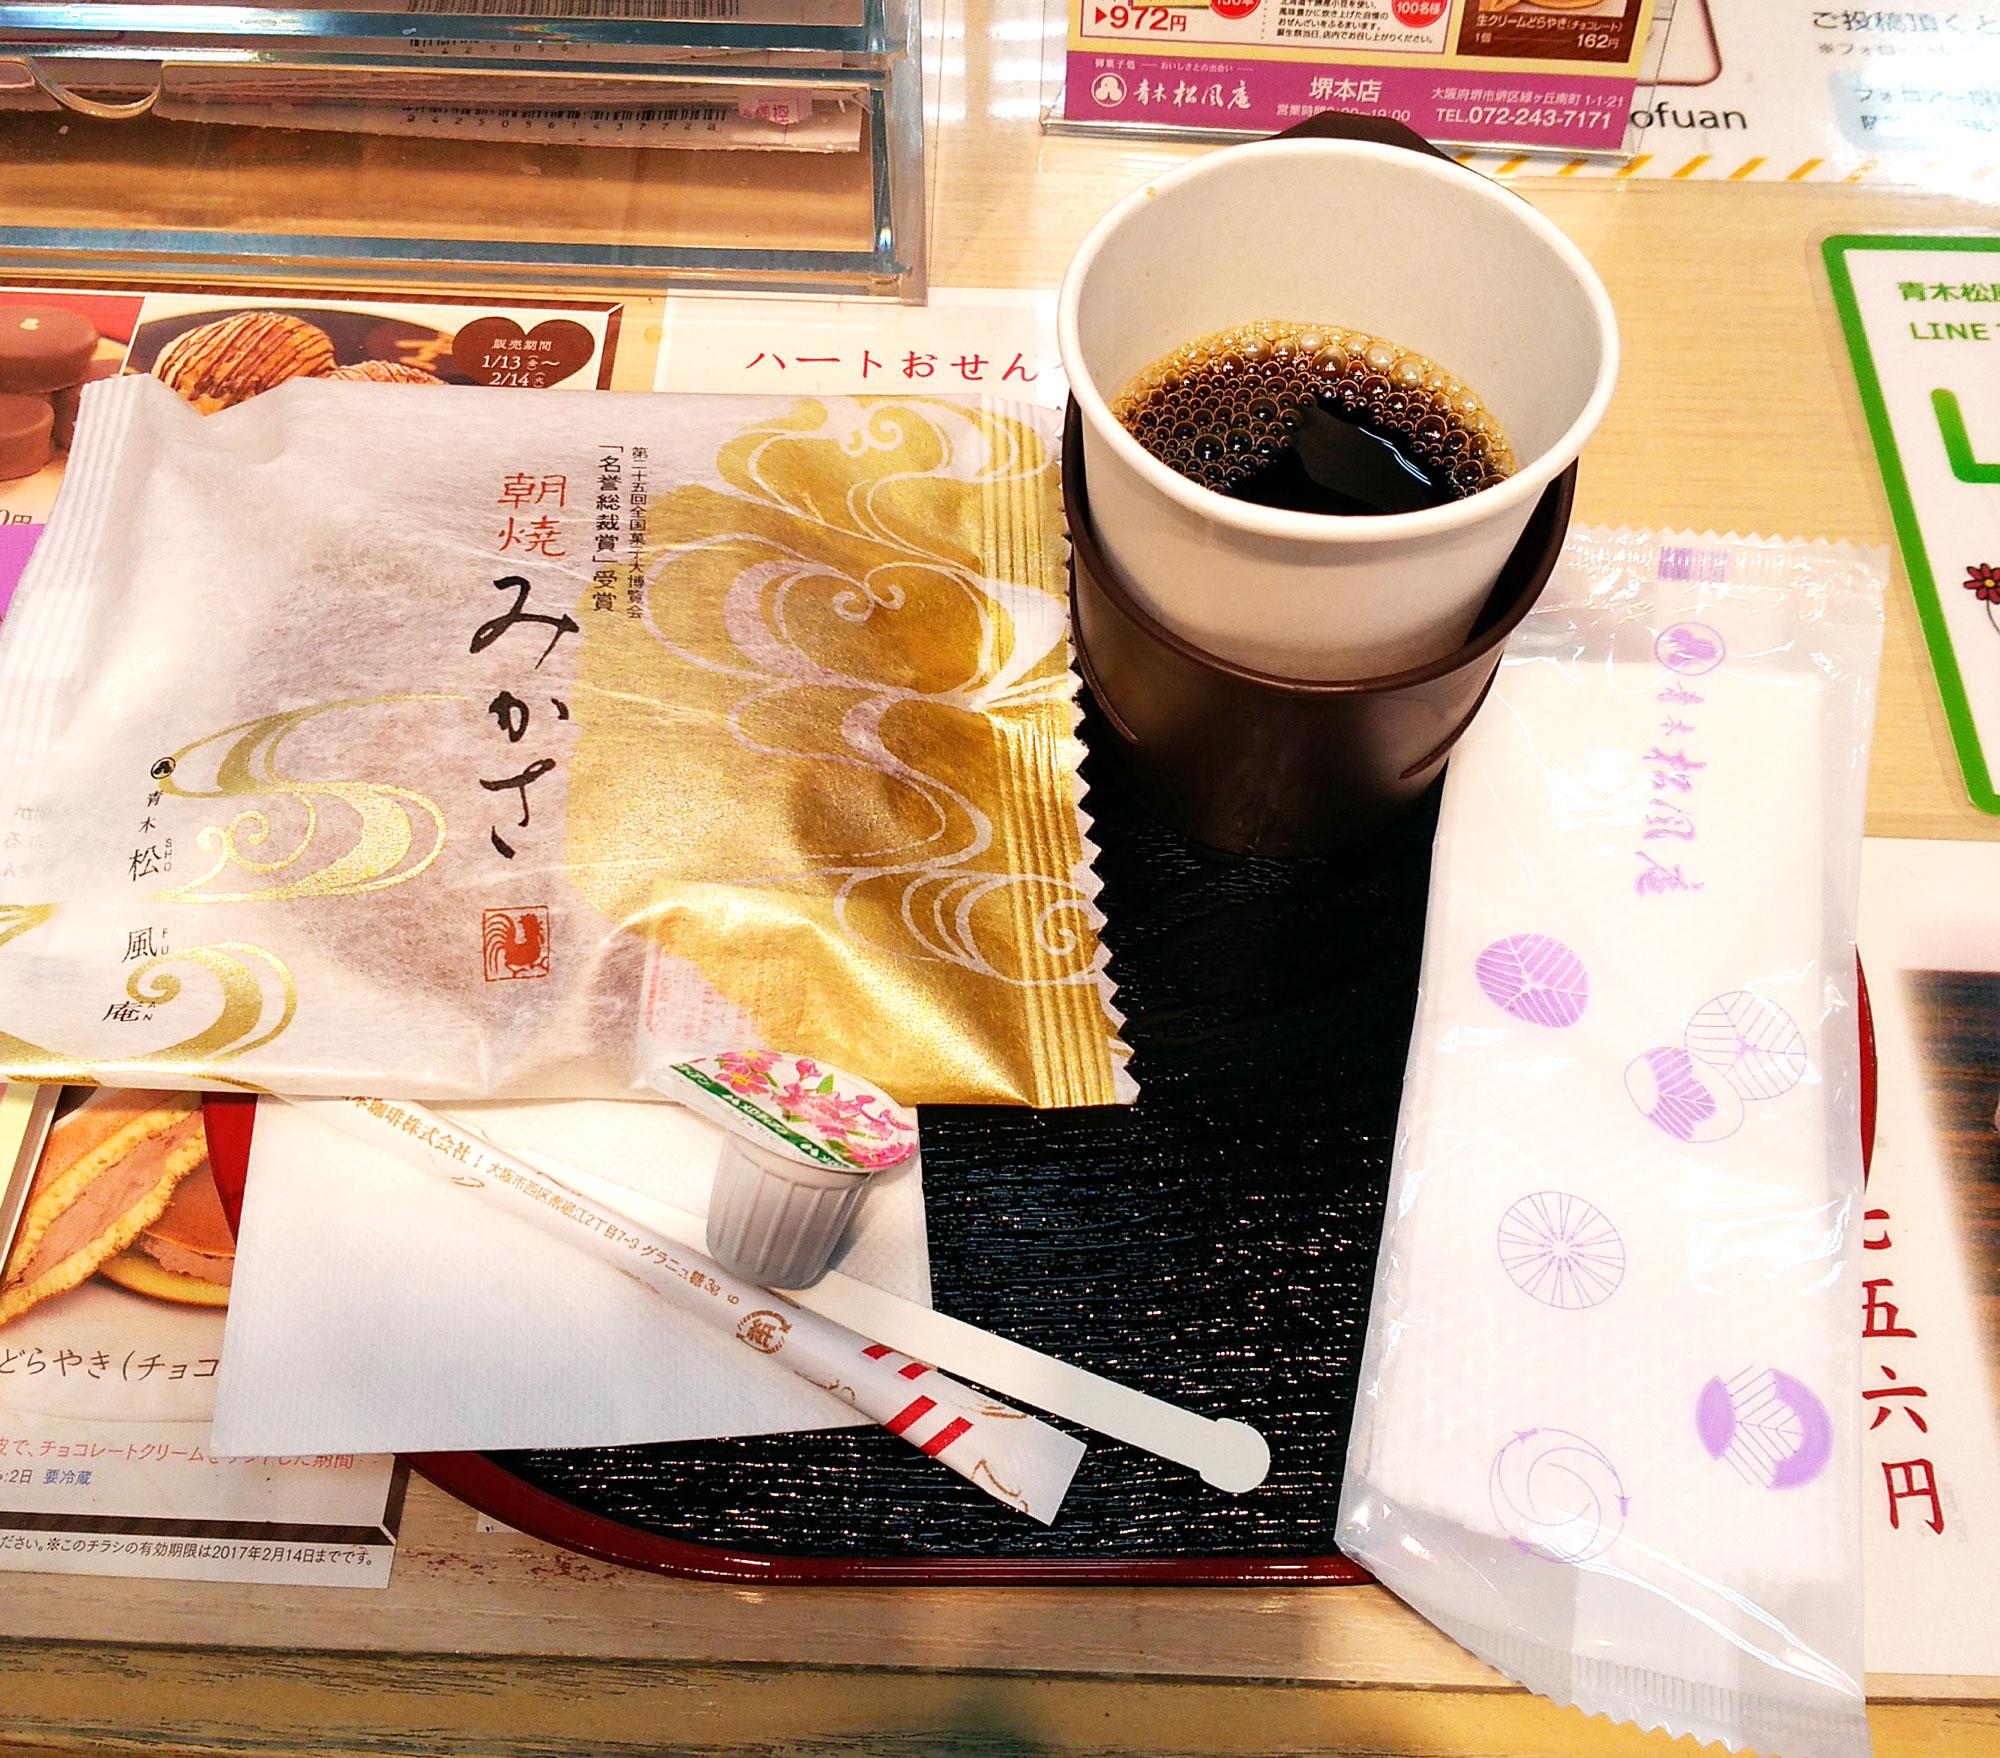 青木松風庵名物の「朝焼みかさ」とコーヒー